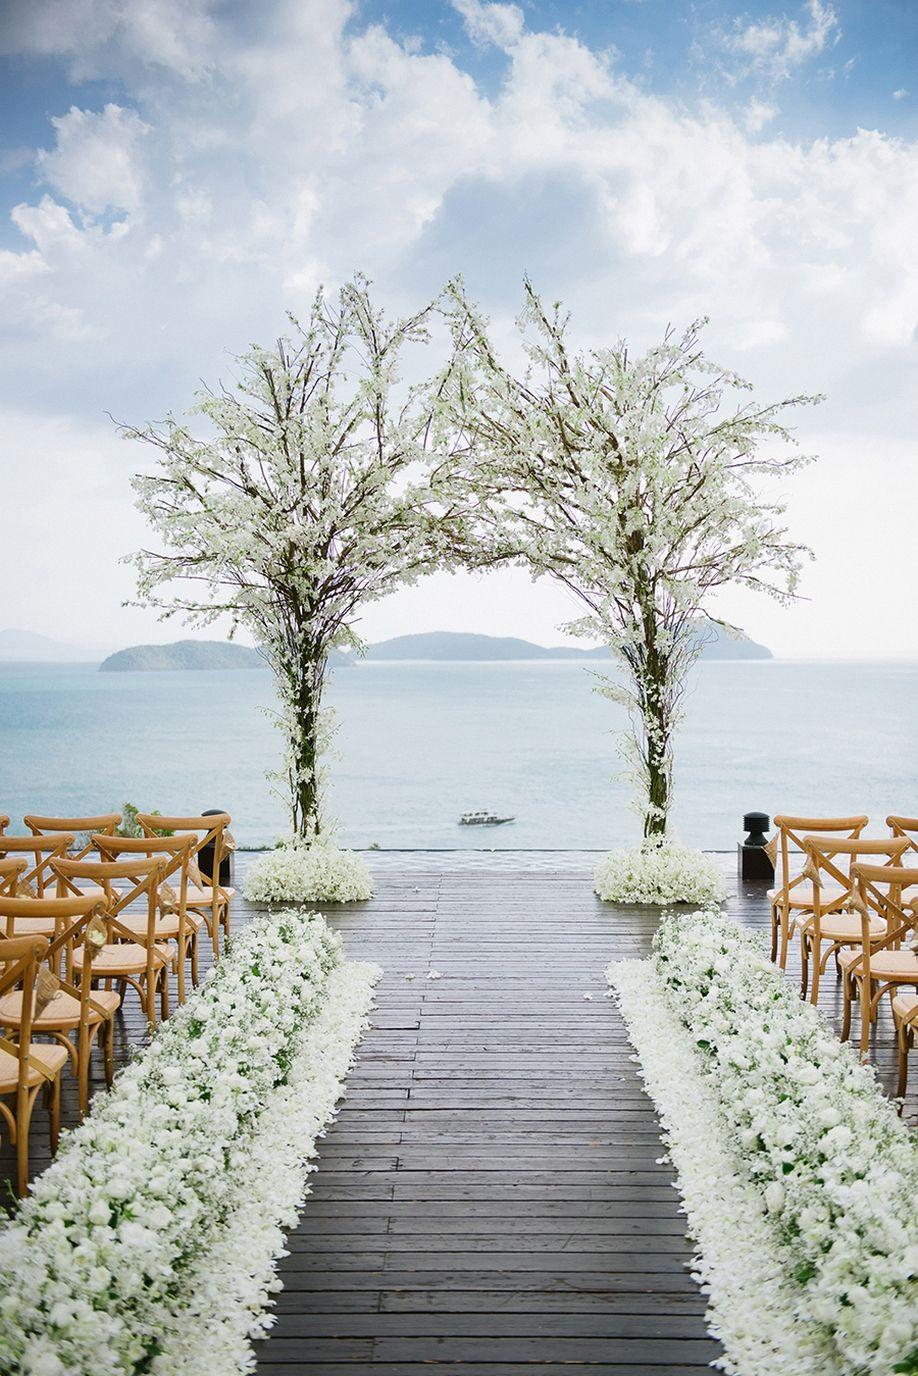 beach wedding arch decoration ideas